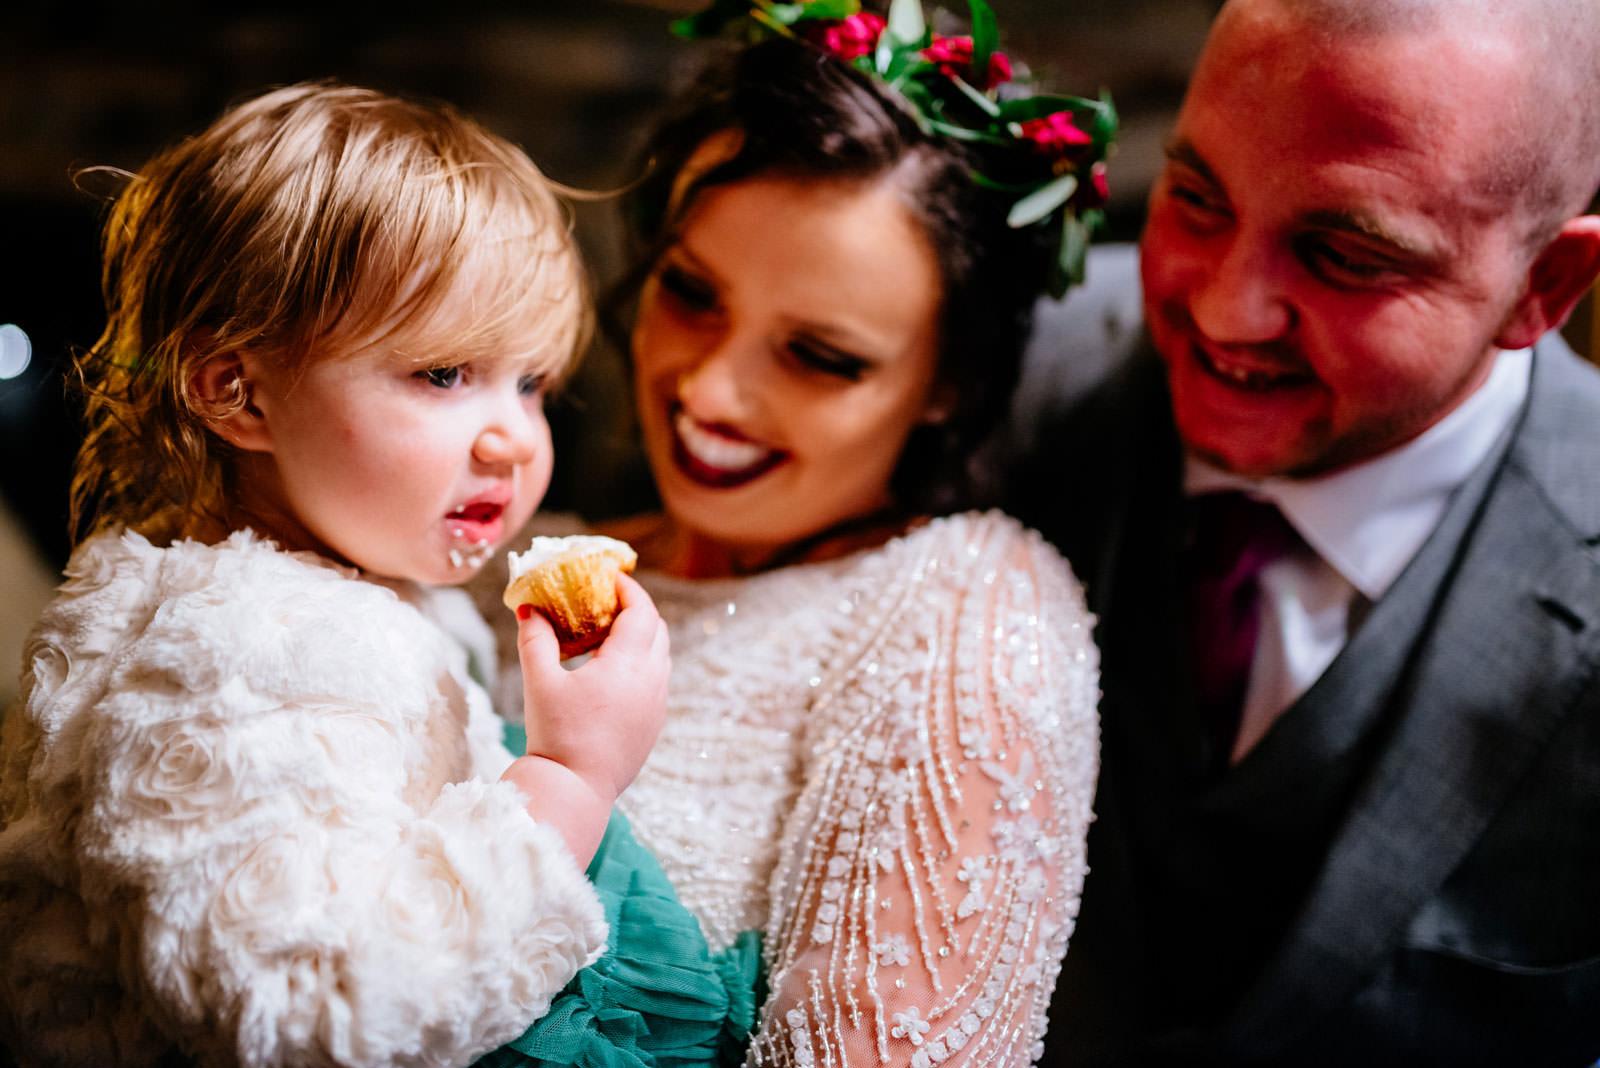 bride groom kid eating cupcake at wedding